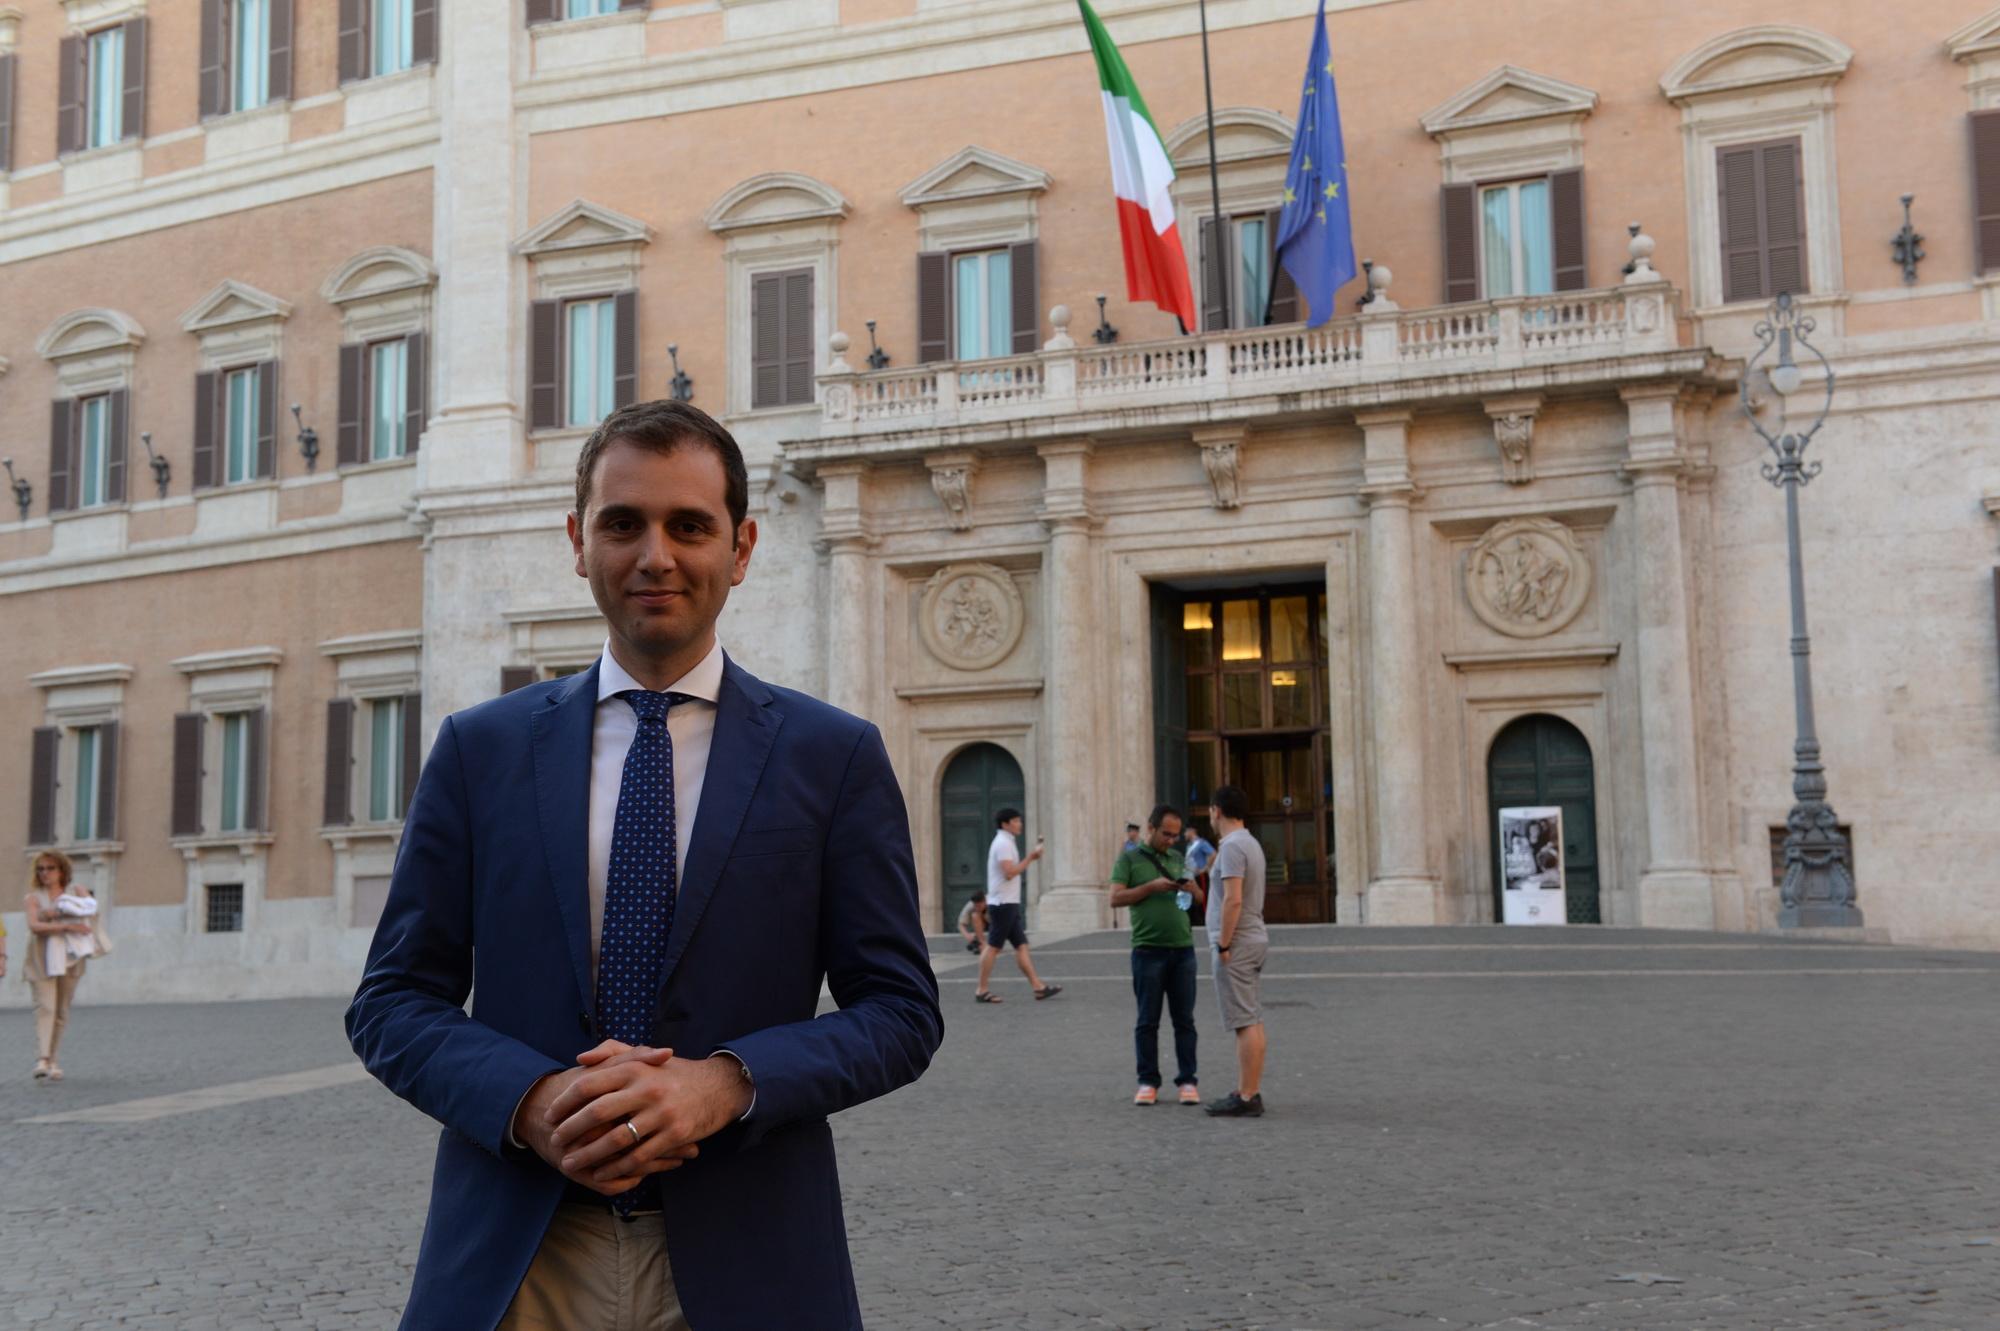 Governo: Renzi chiude la porta a Di Maio, ma Cuperlo lo attacca